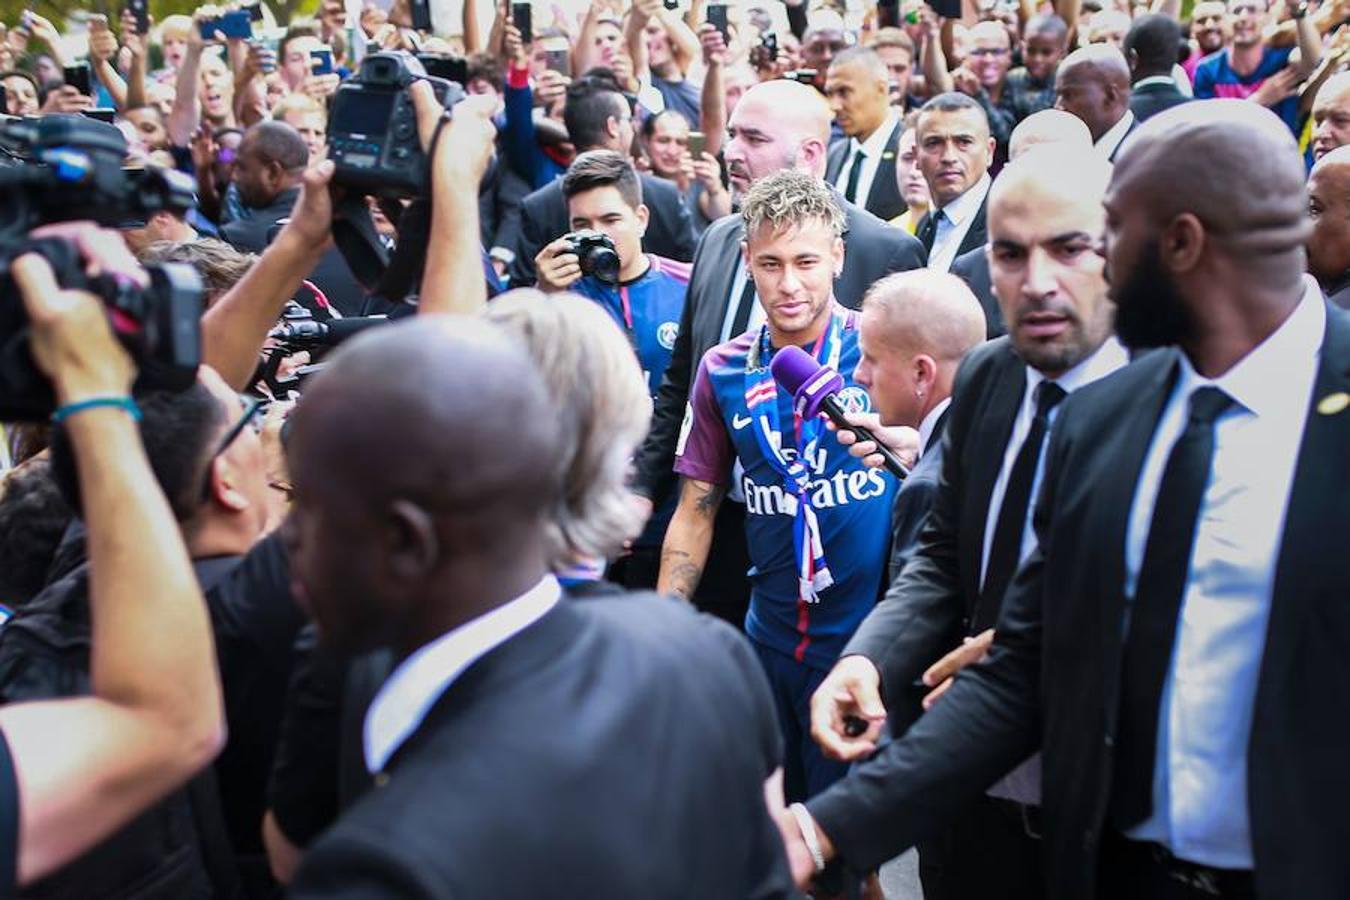 La atención ha sido máxima con la llegada de Neymar